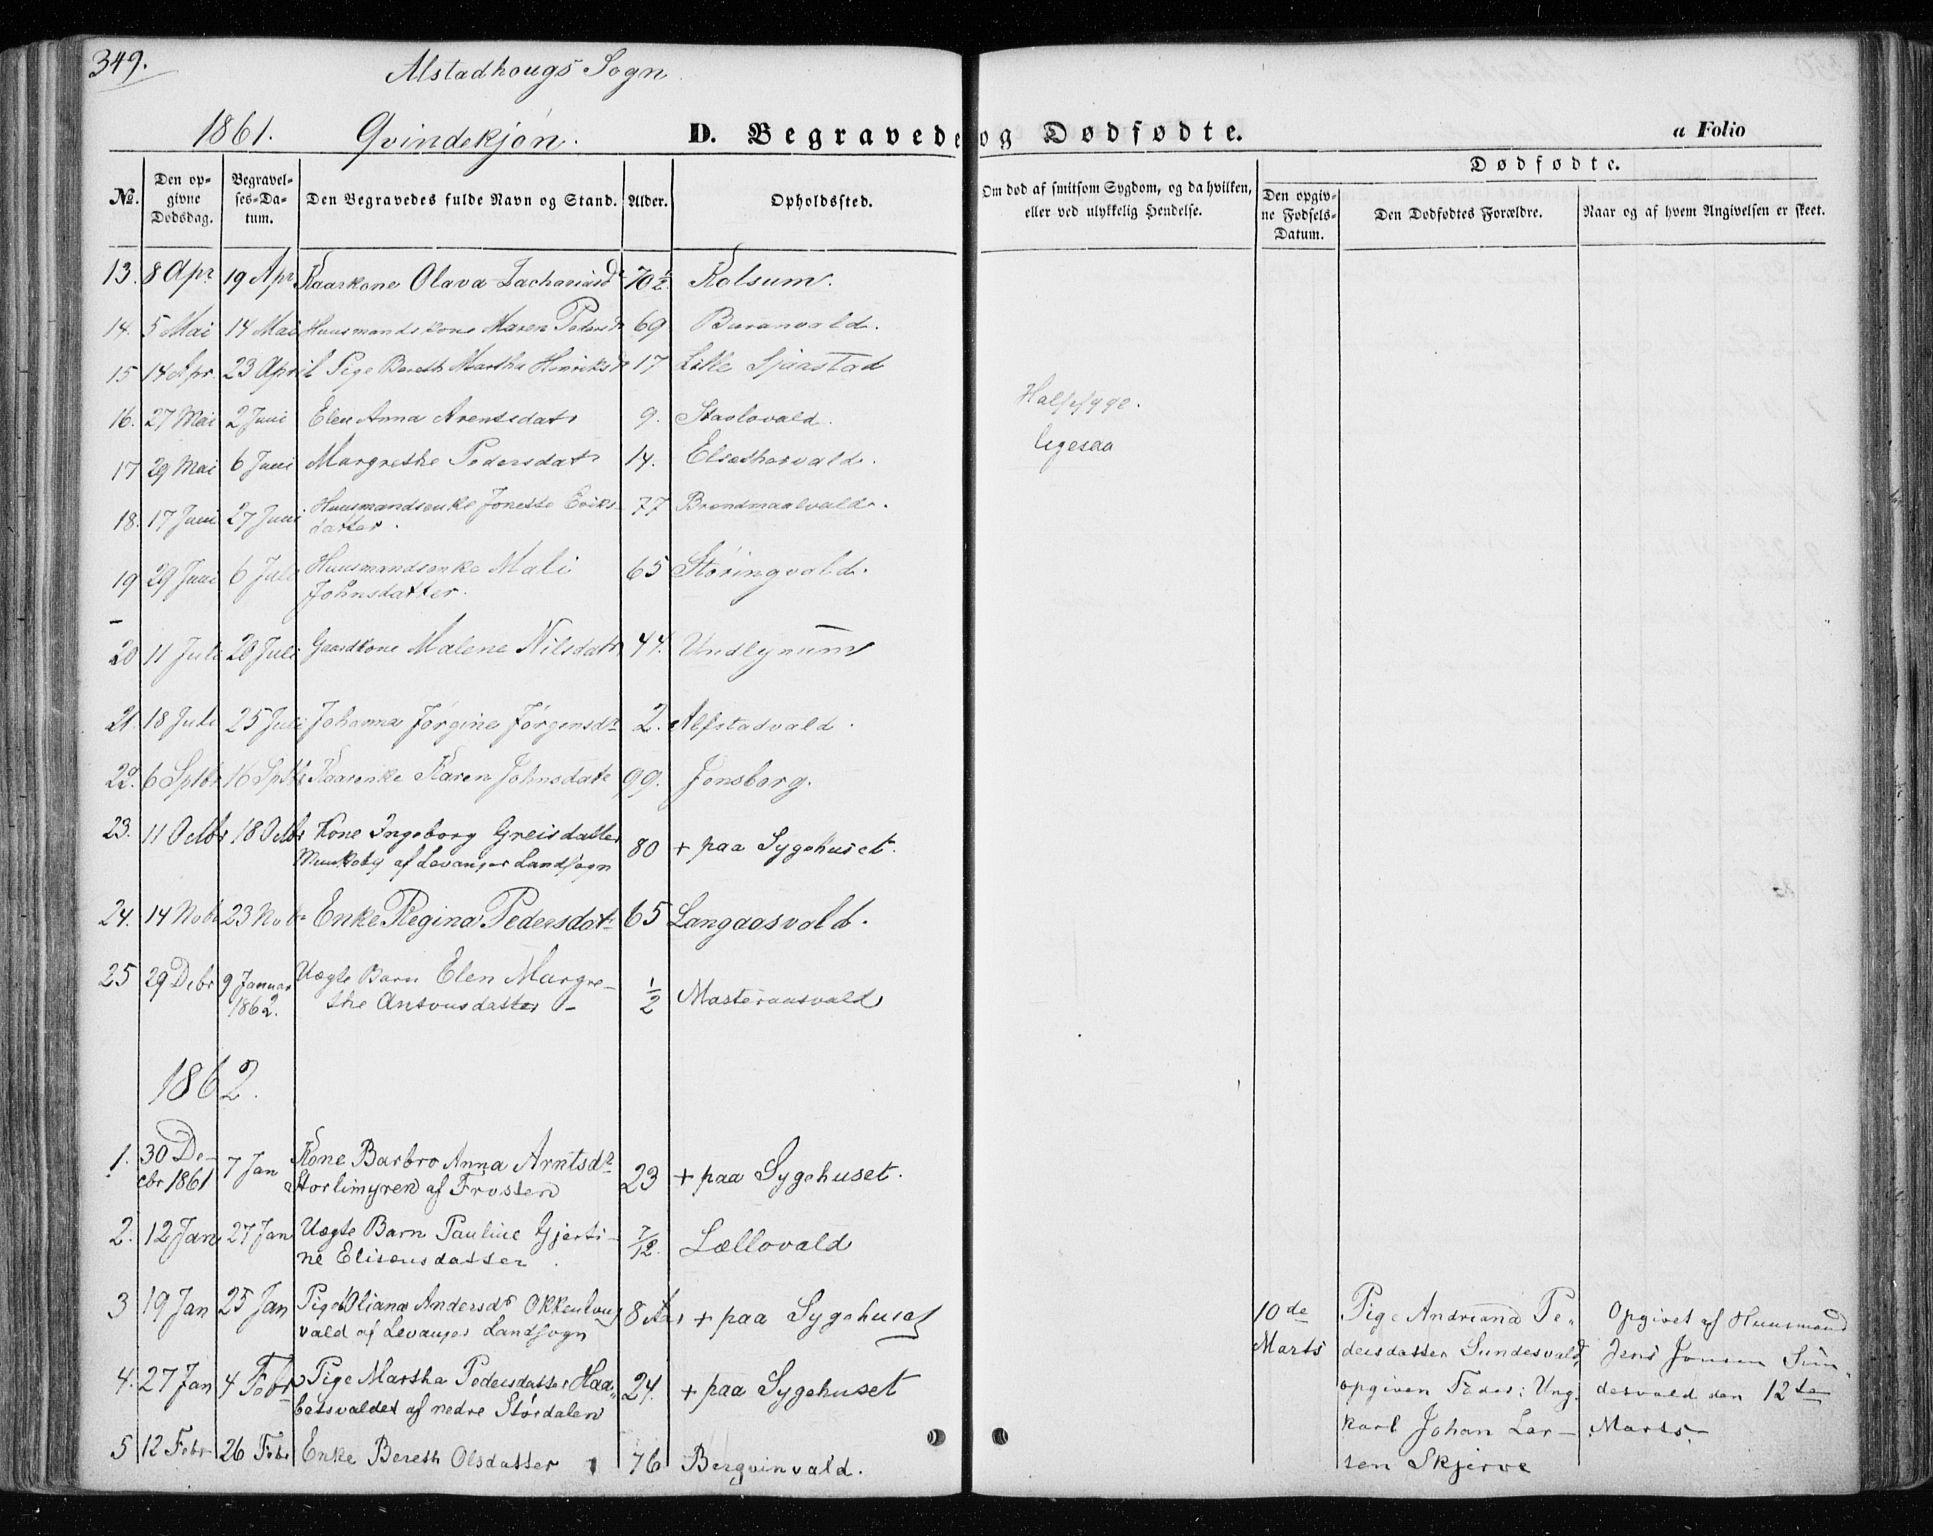 SAT, Ministerialprotokoller, klokkerbøker og fødselsregistre - Nord-Trøndelag, 717/L0154: Ministerialbok nr. 717A07 /1, 1850-1862, s. 349